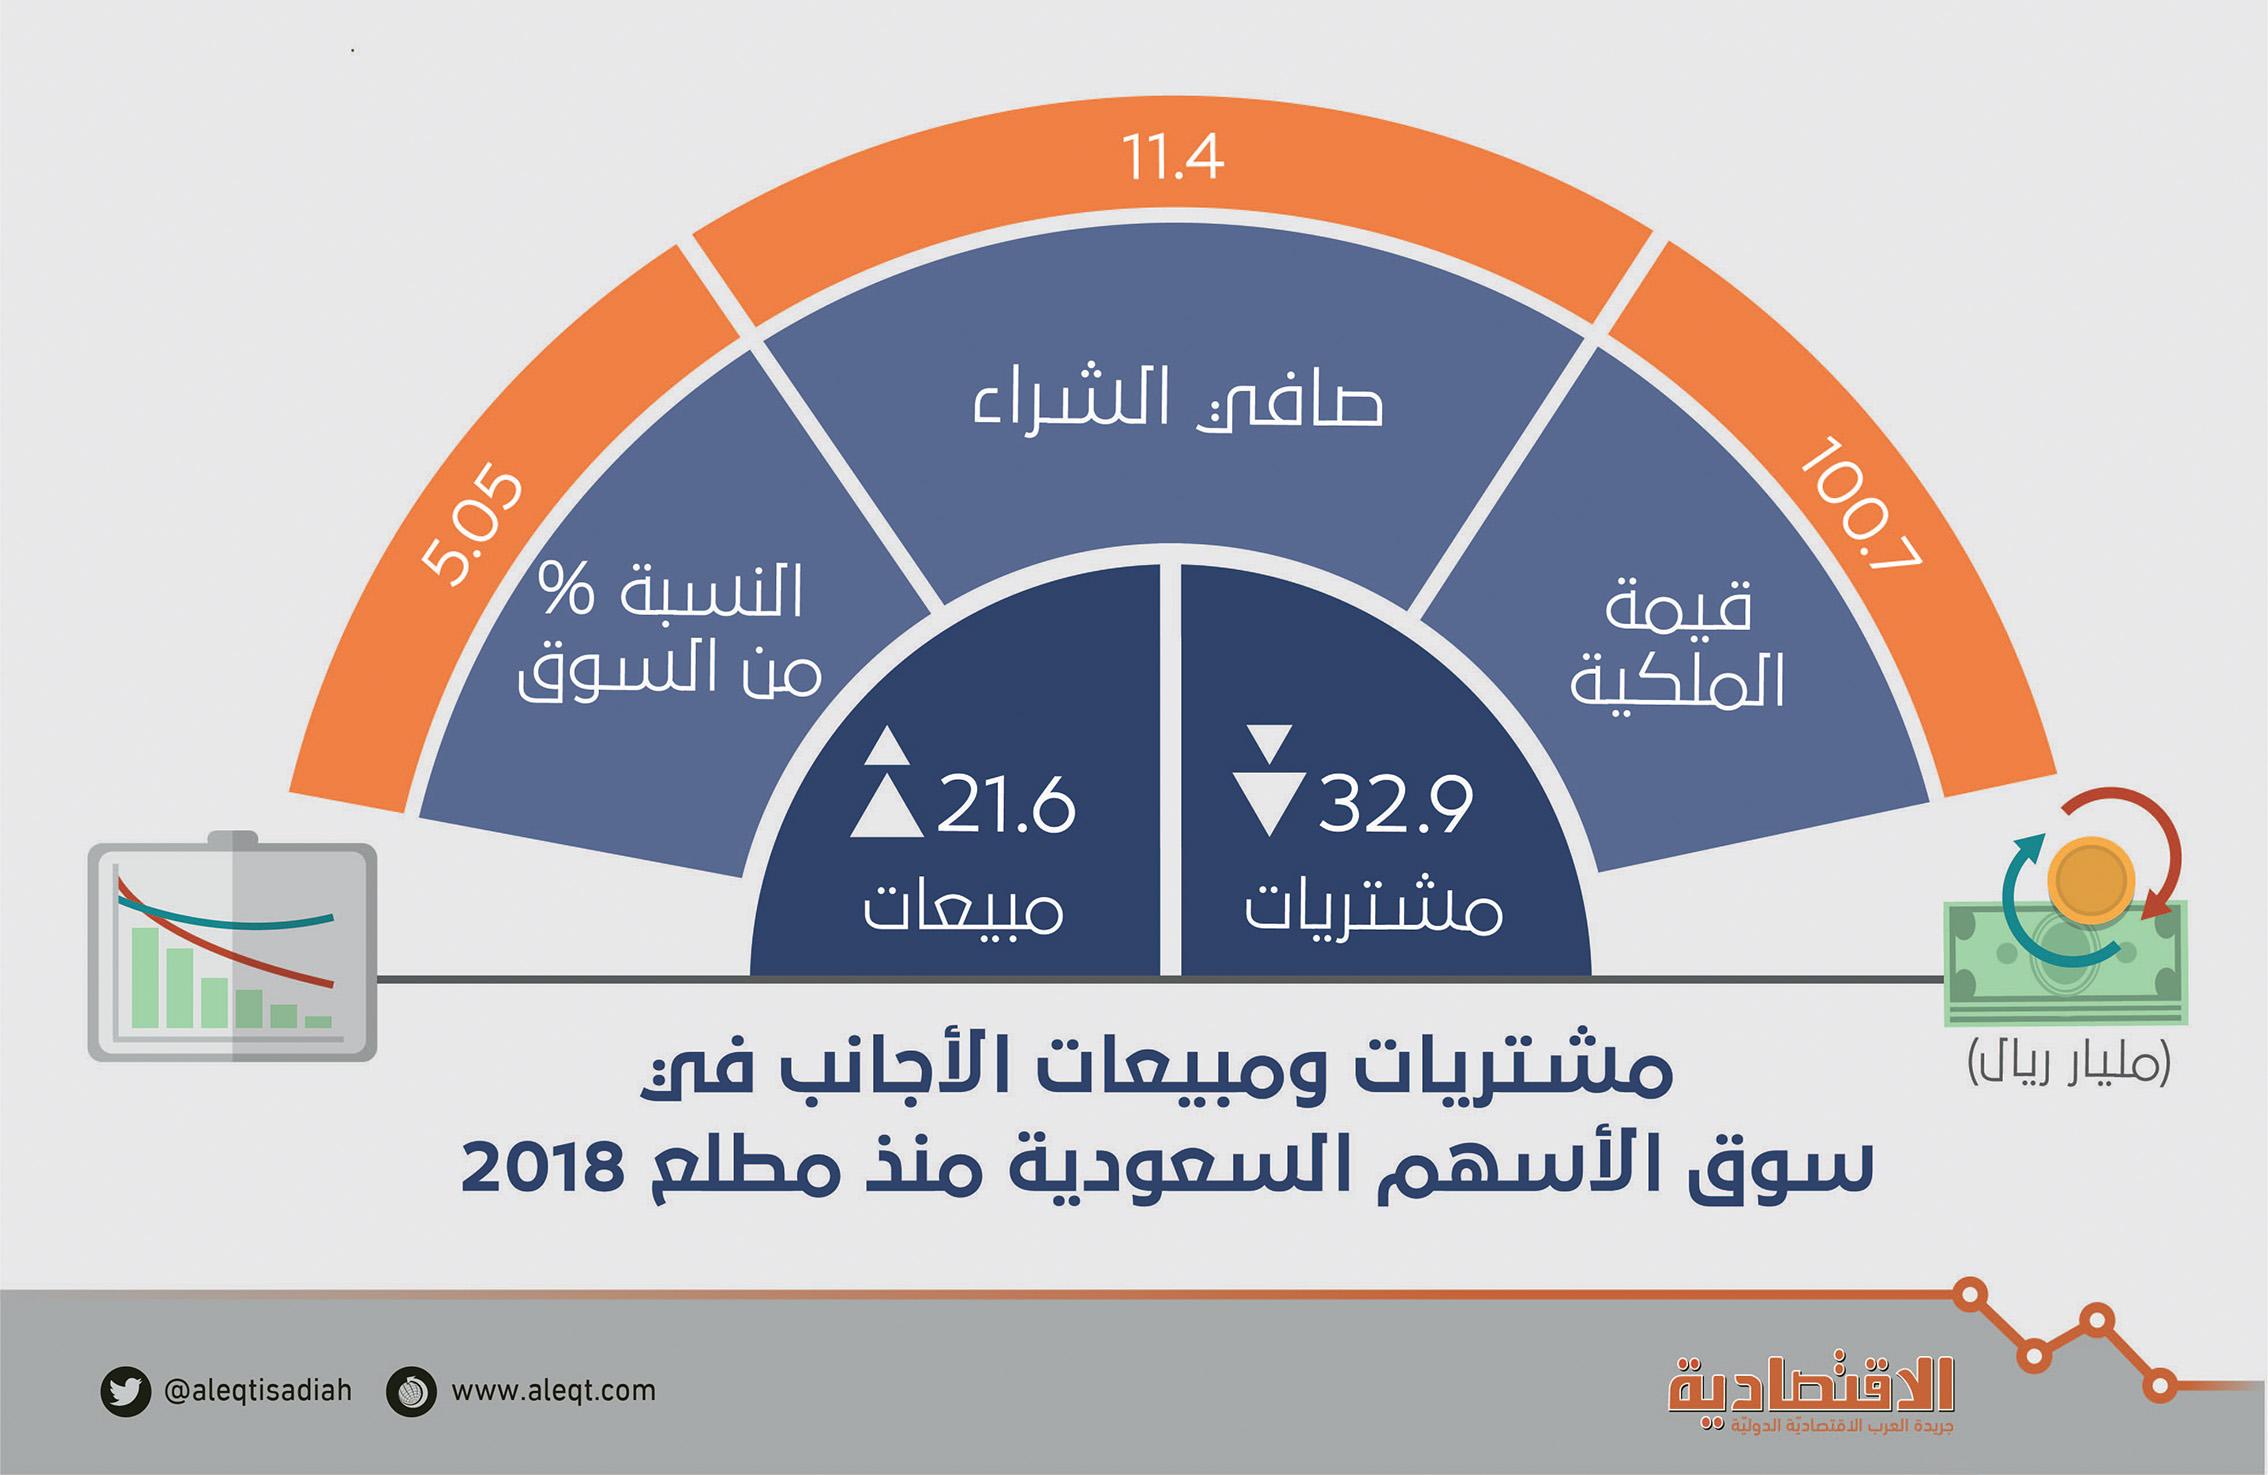 حصة الأجانب في الأسهم السعودية تتجاوز 100 مليار ريال لأول مرة.. استباقا لـ MSCI    صحيفة الاقتصادية